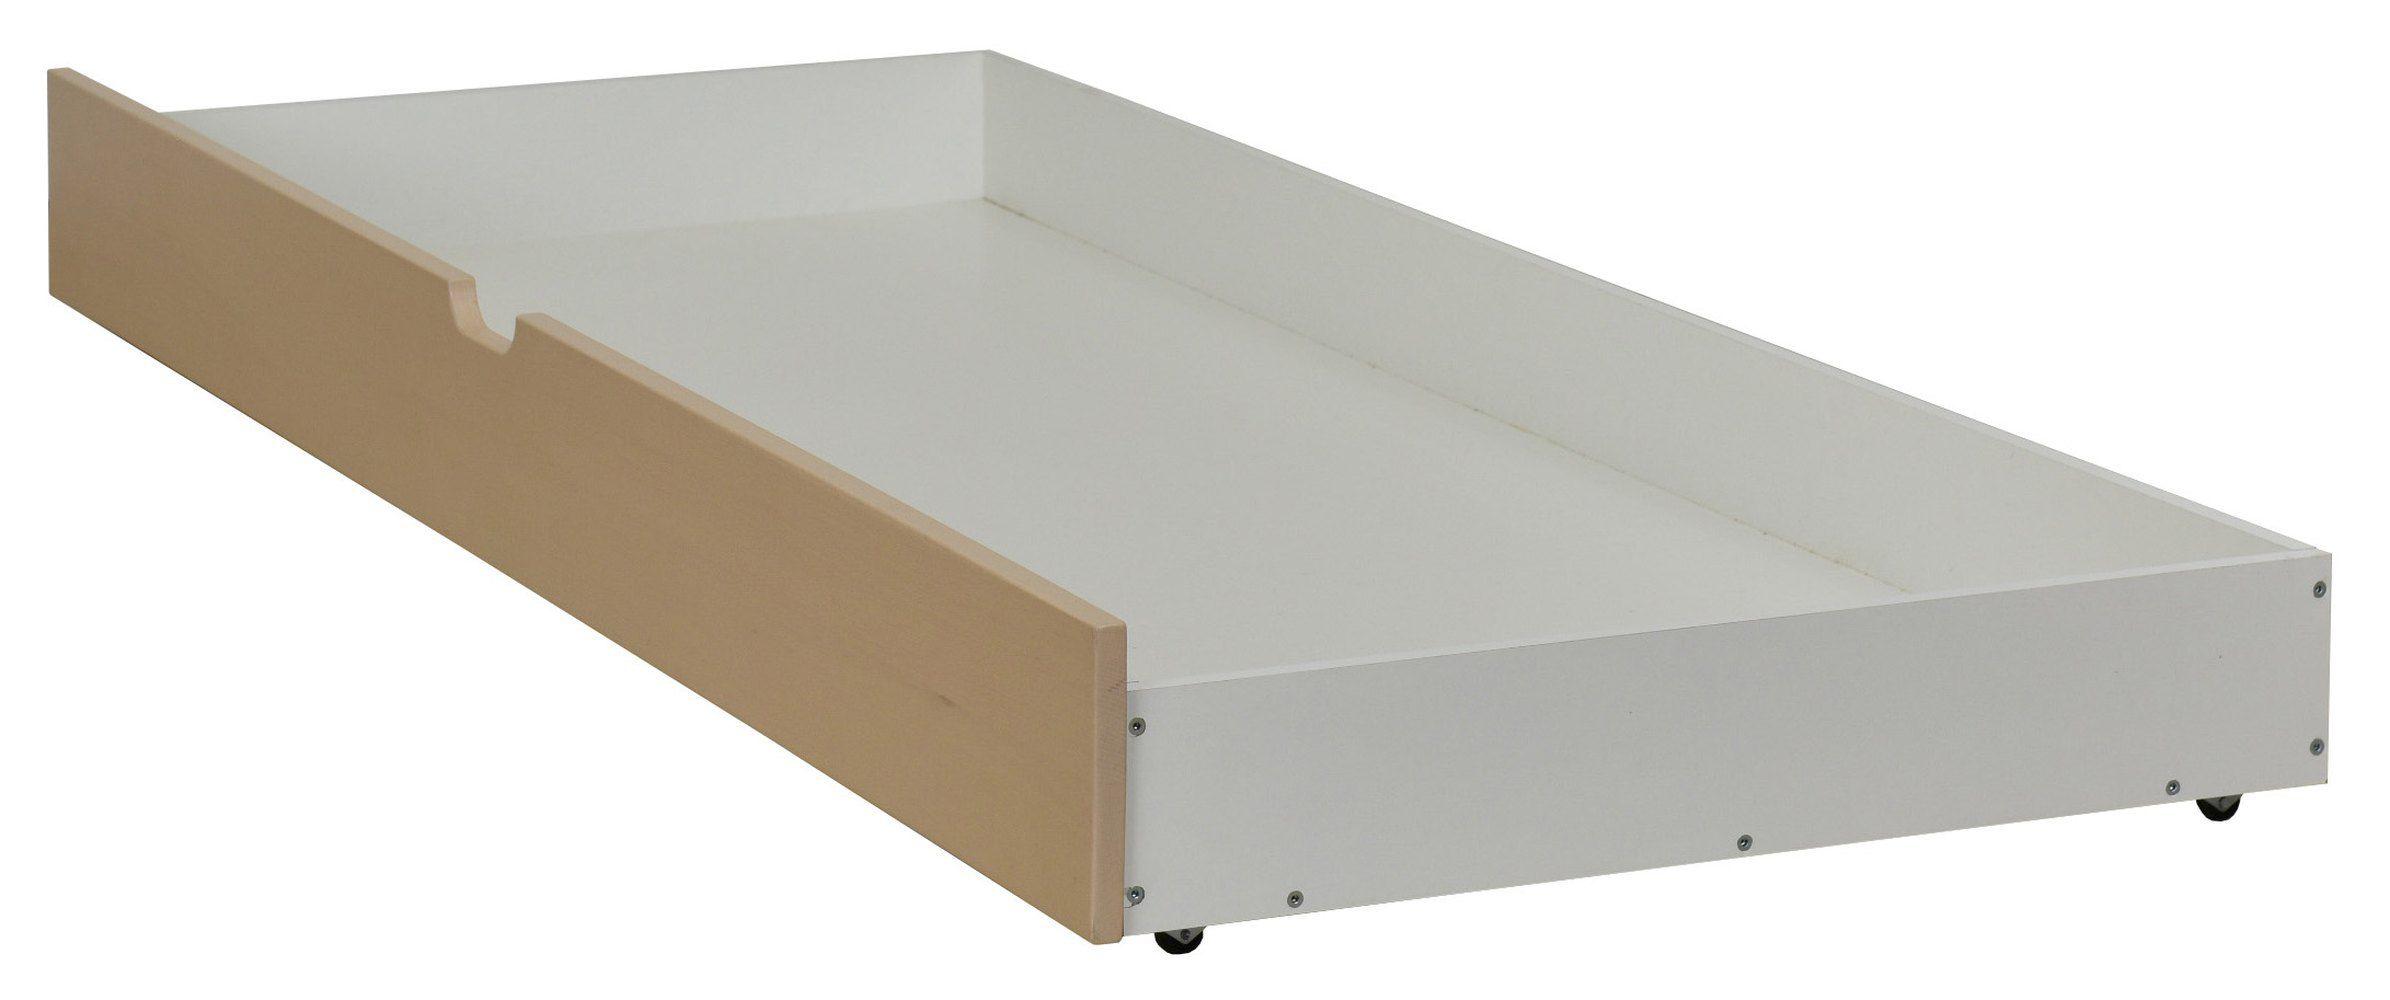 Schublade für Bett Benidorm und Pontevedra, teilmassiv, Farbe: Eiche / Weiß - 18 x 199 x 78 cm (H x B x L)